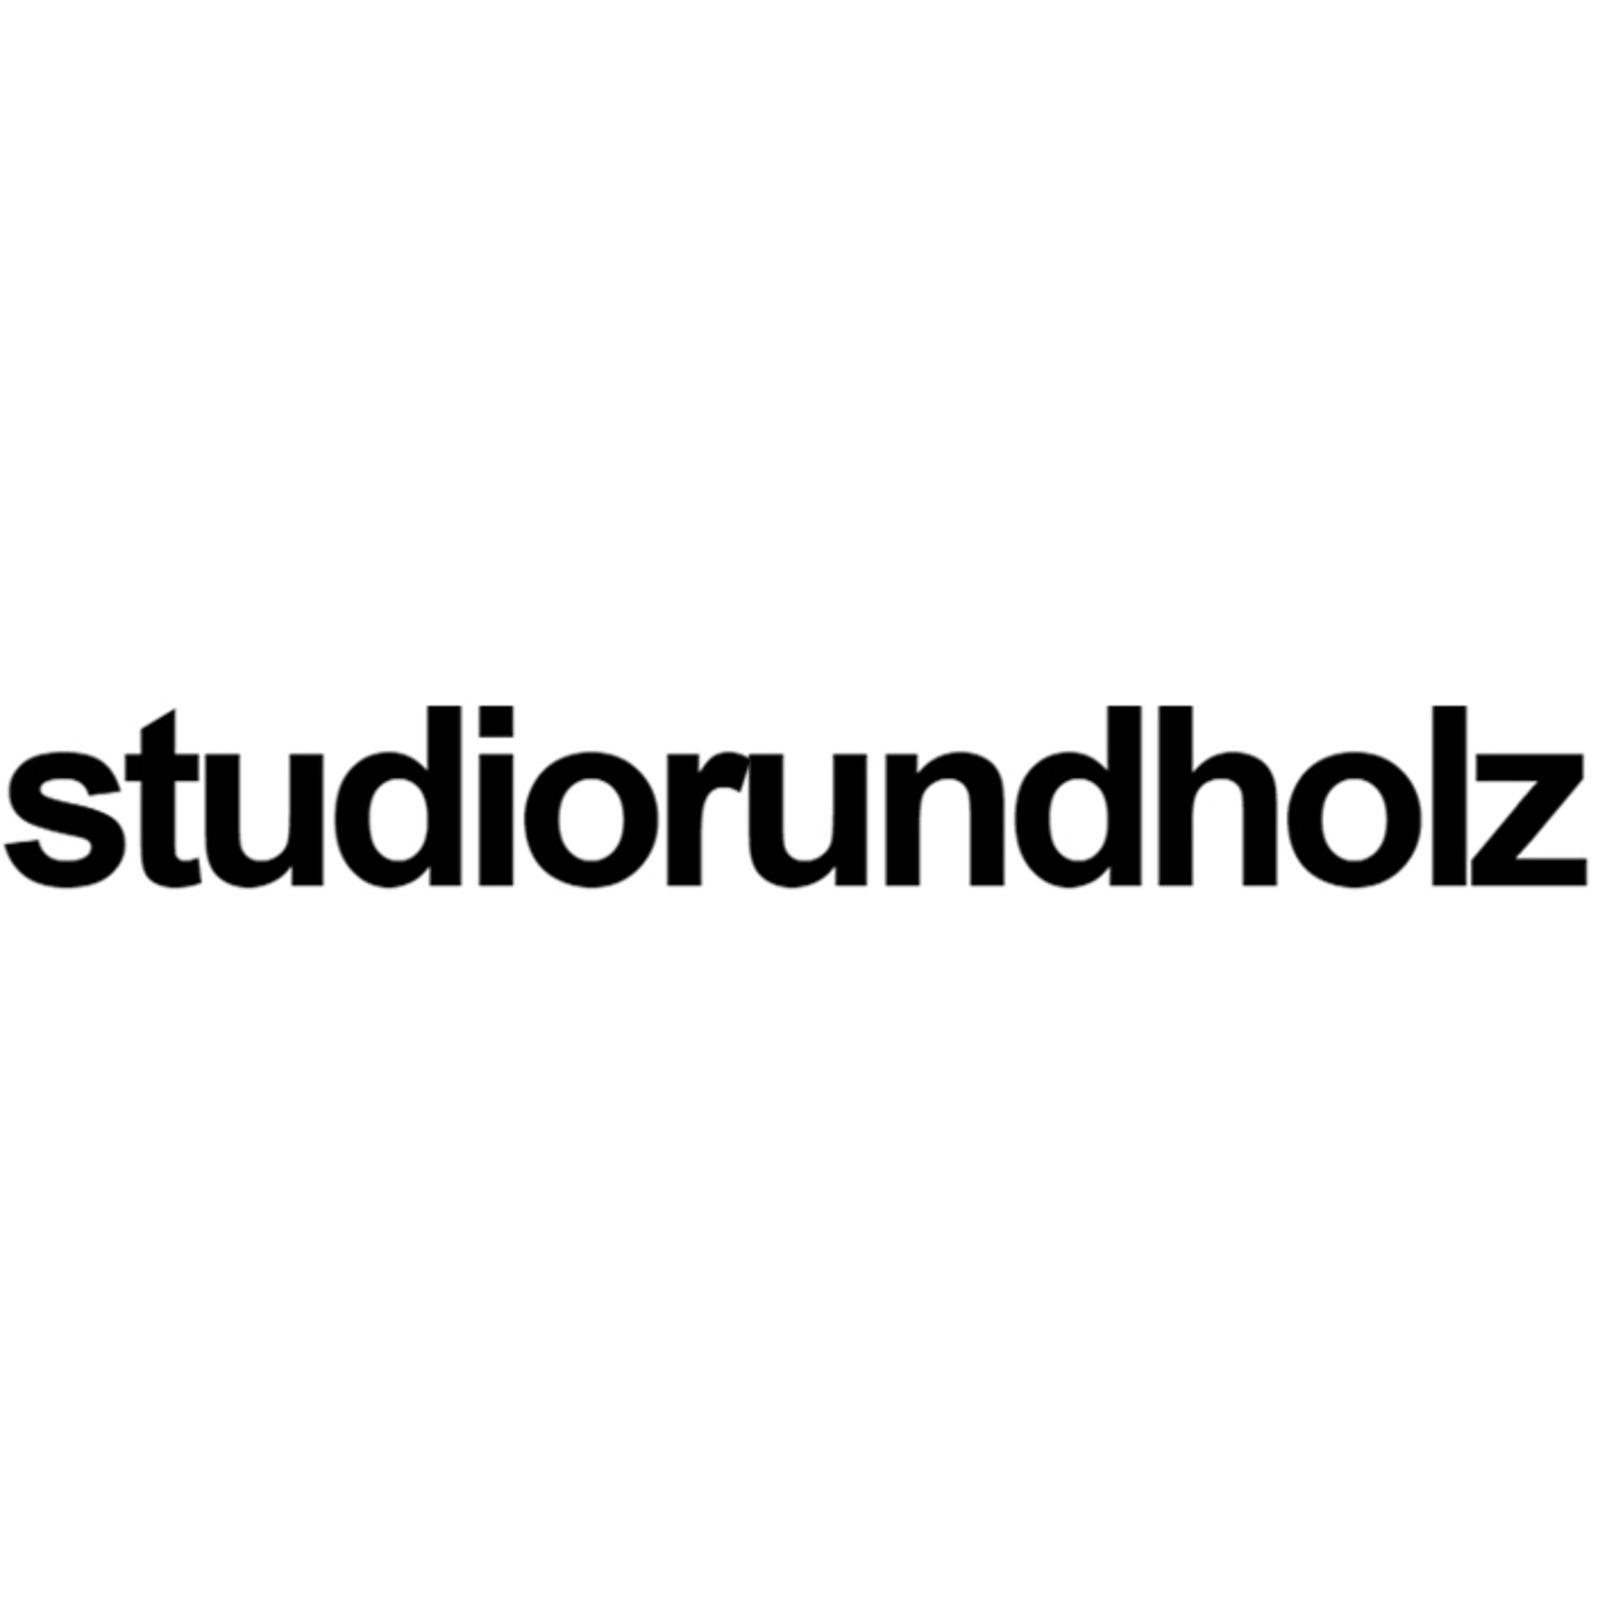 studio rundholz (Image 1)